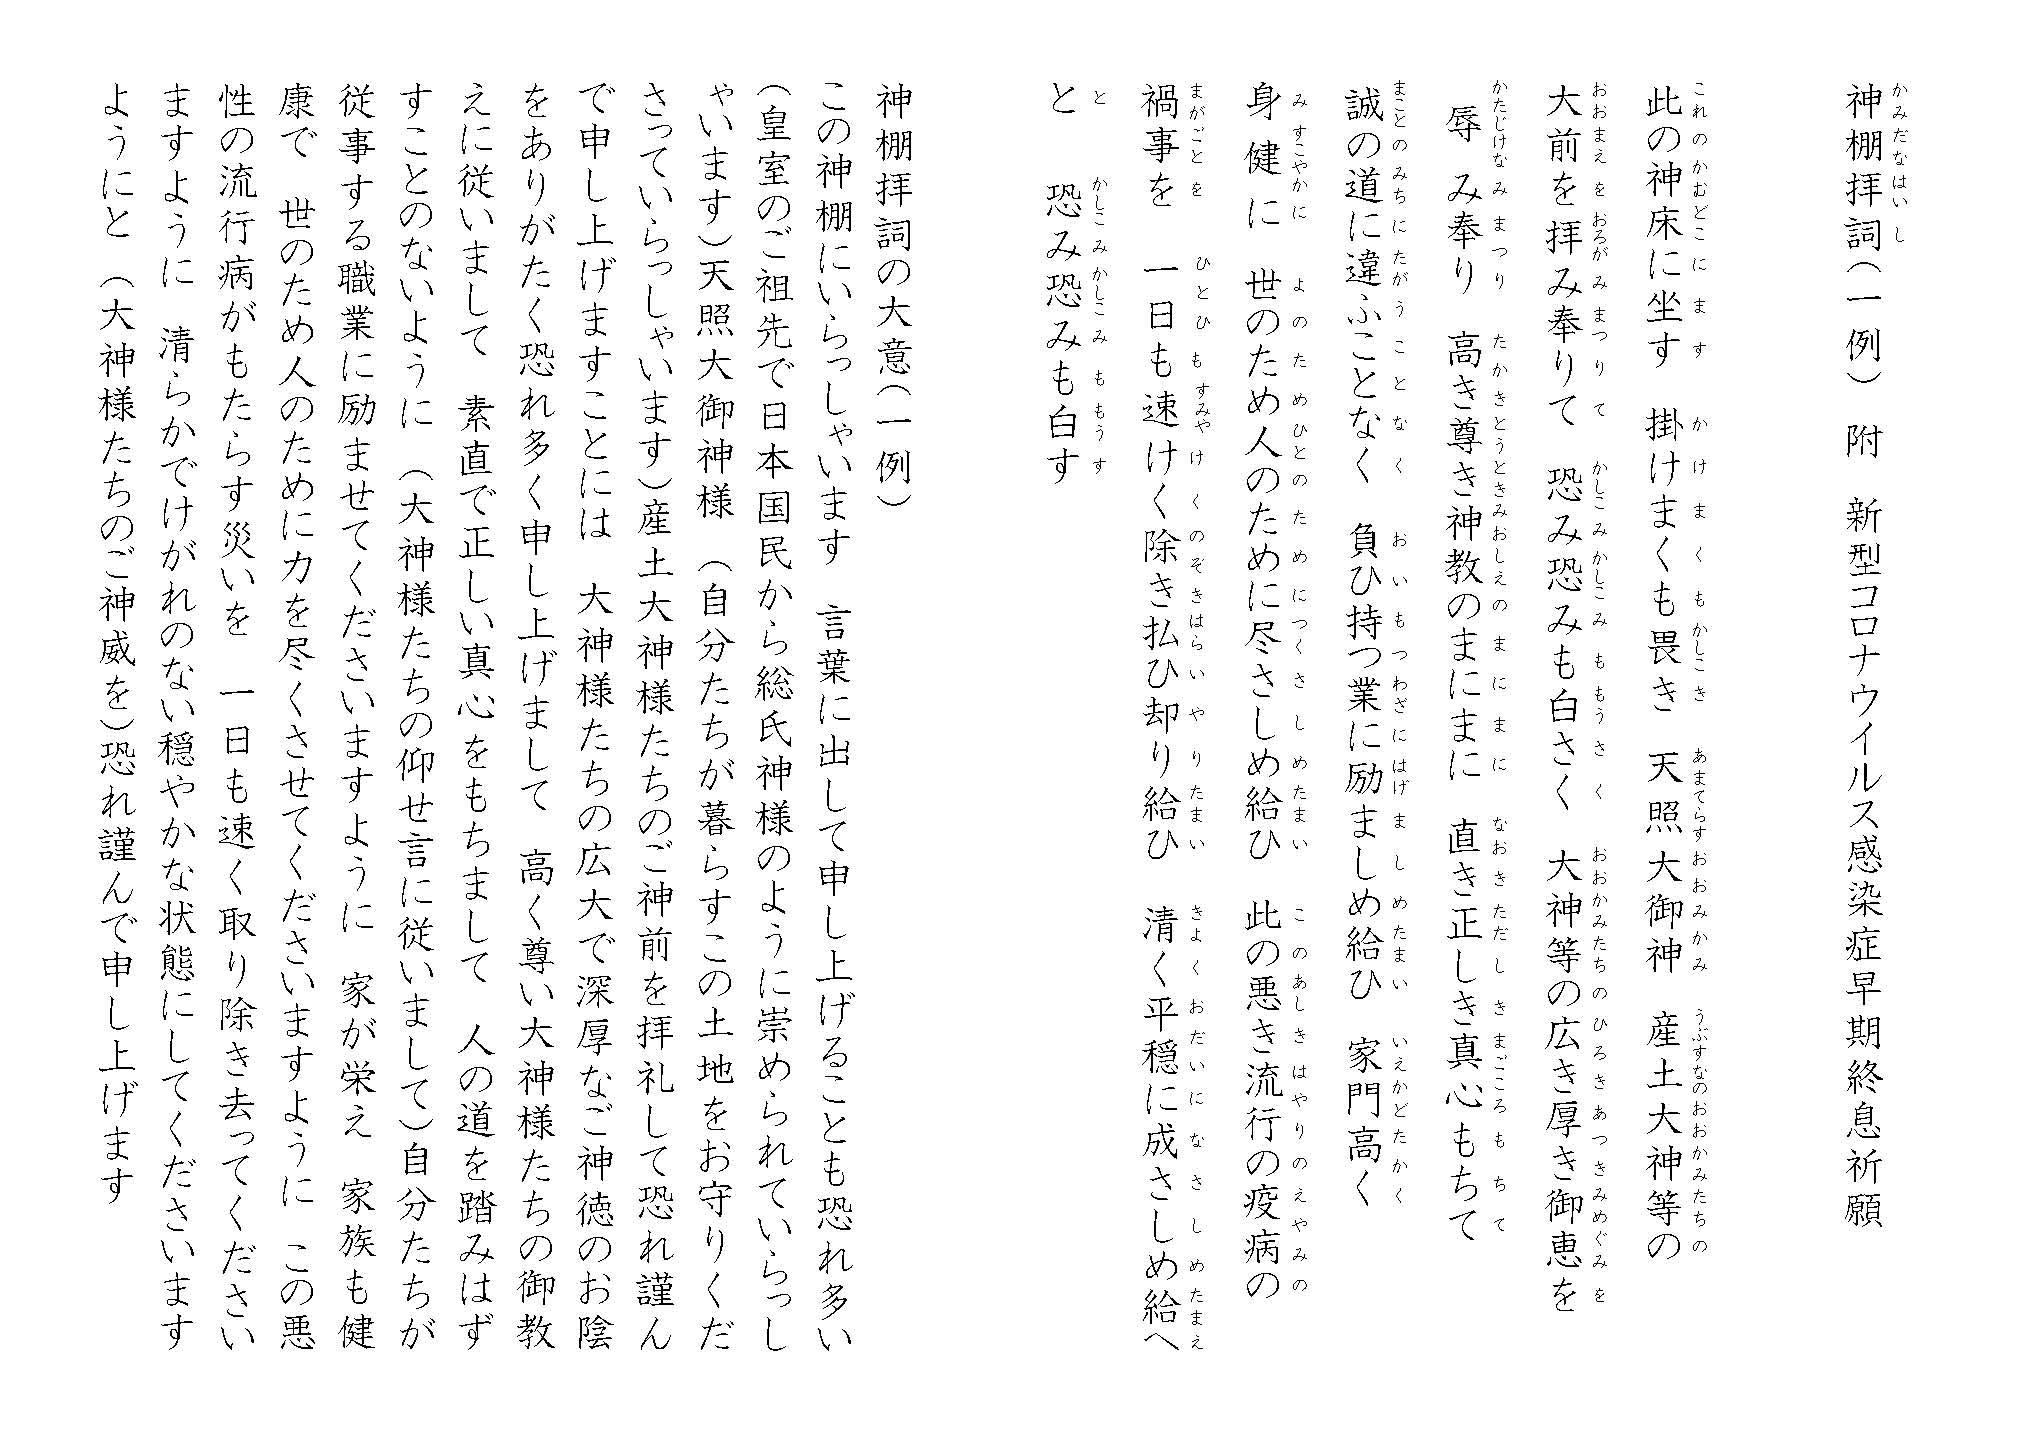 神棚 拝 詞 毎日の祝詞は神棚拝詞が最高だと思います 福岡の伝統風水...